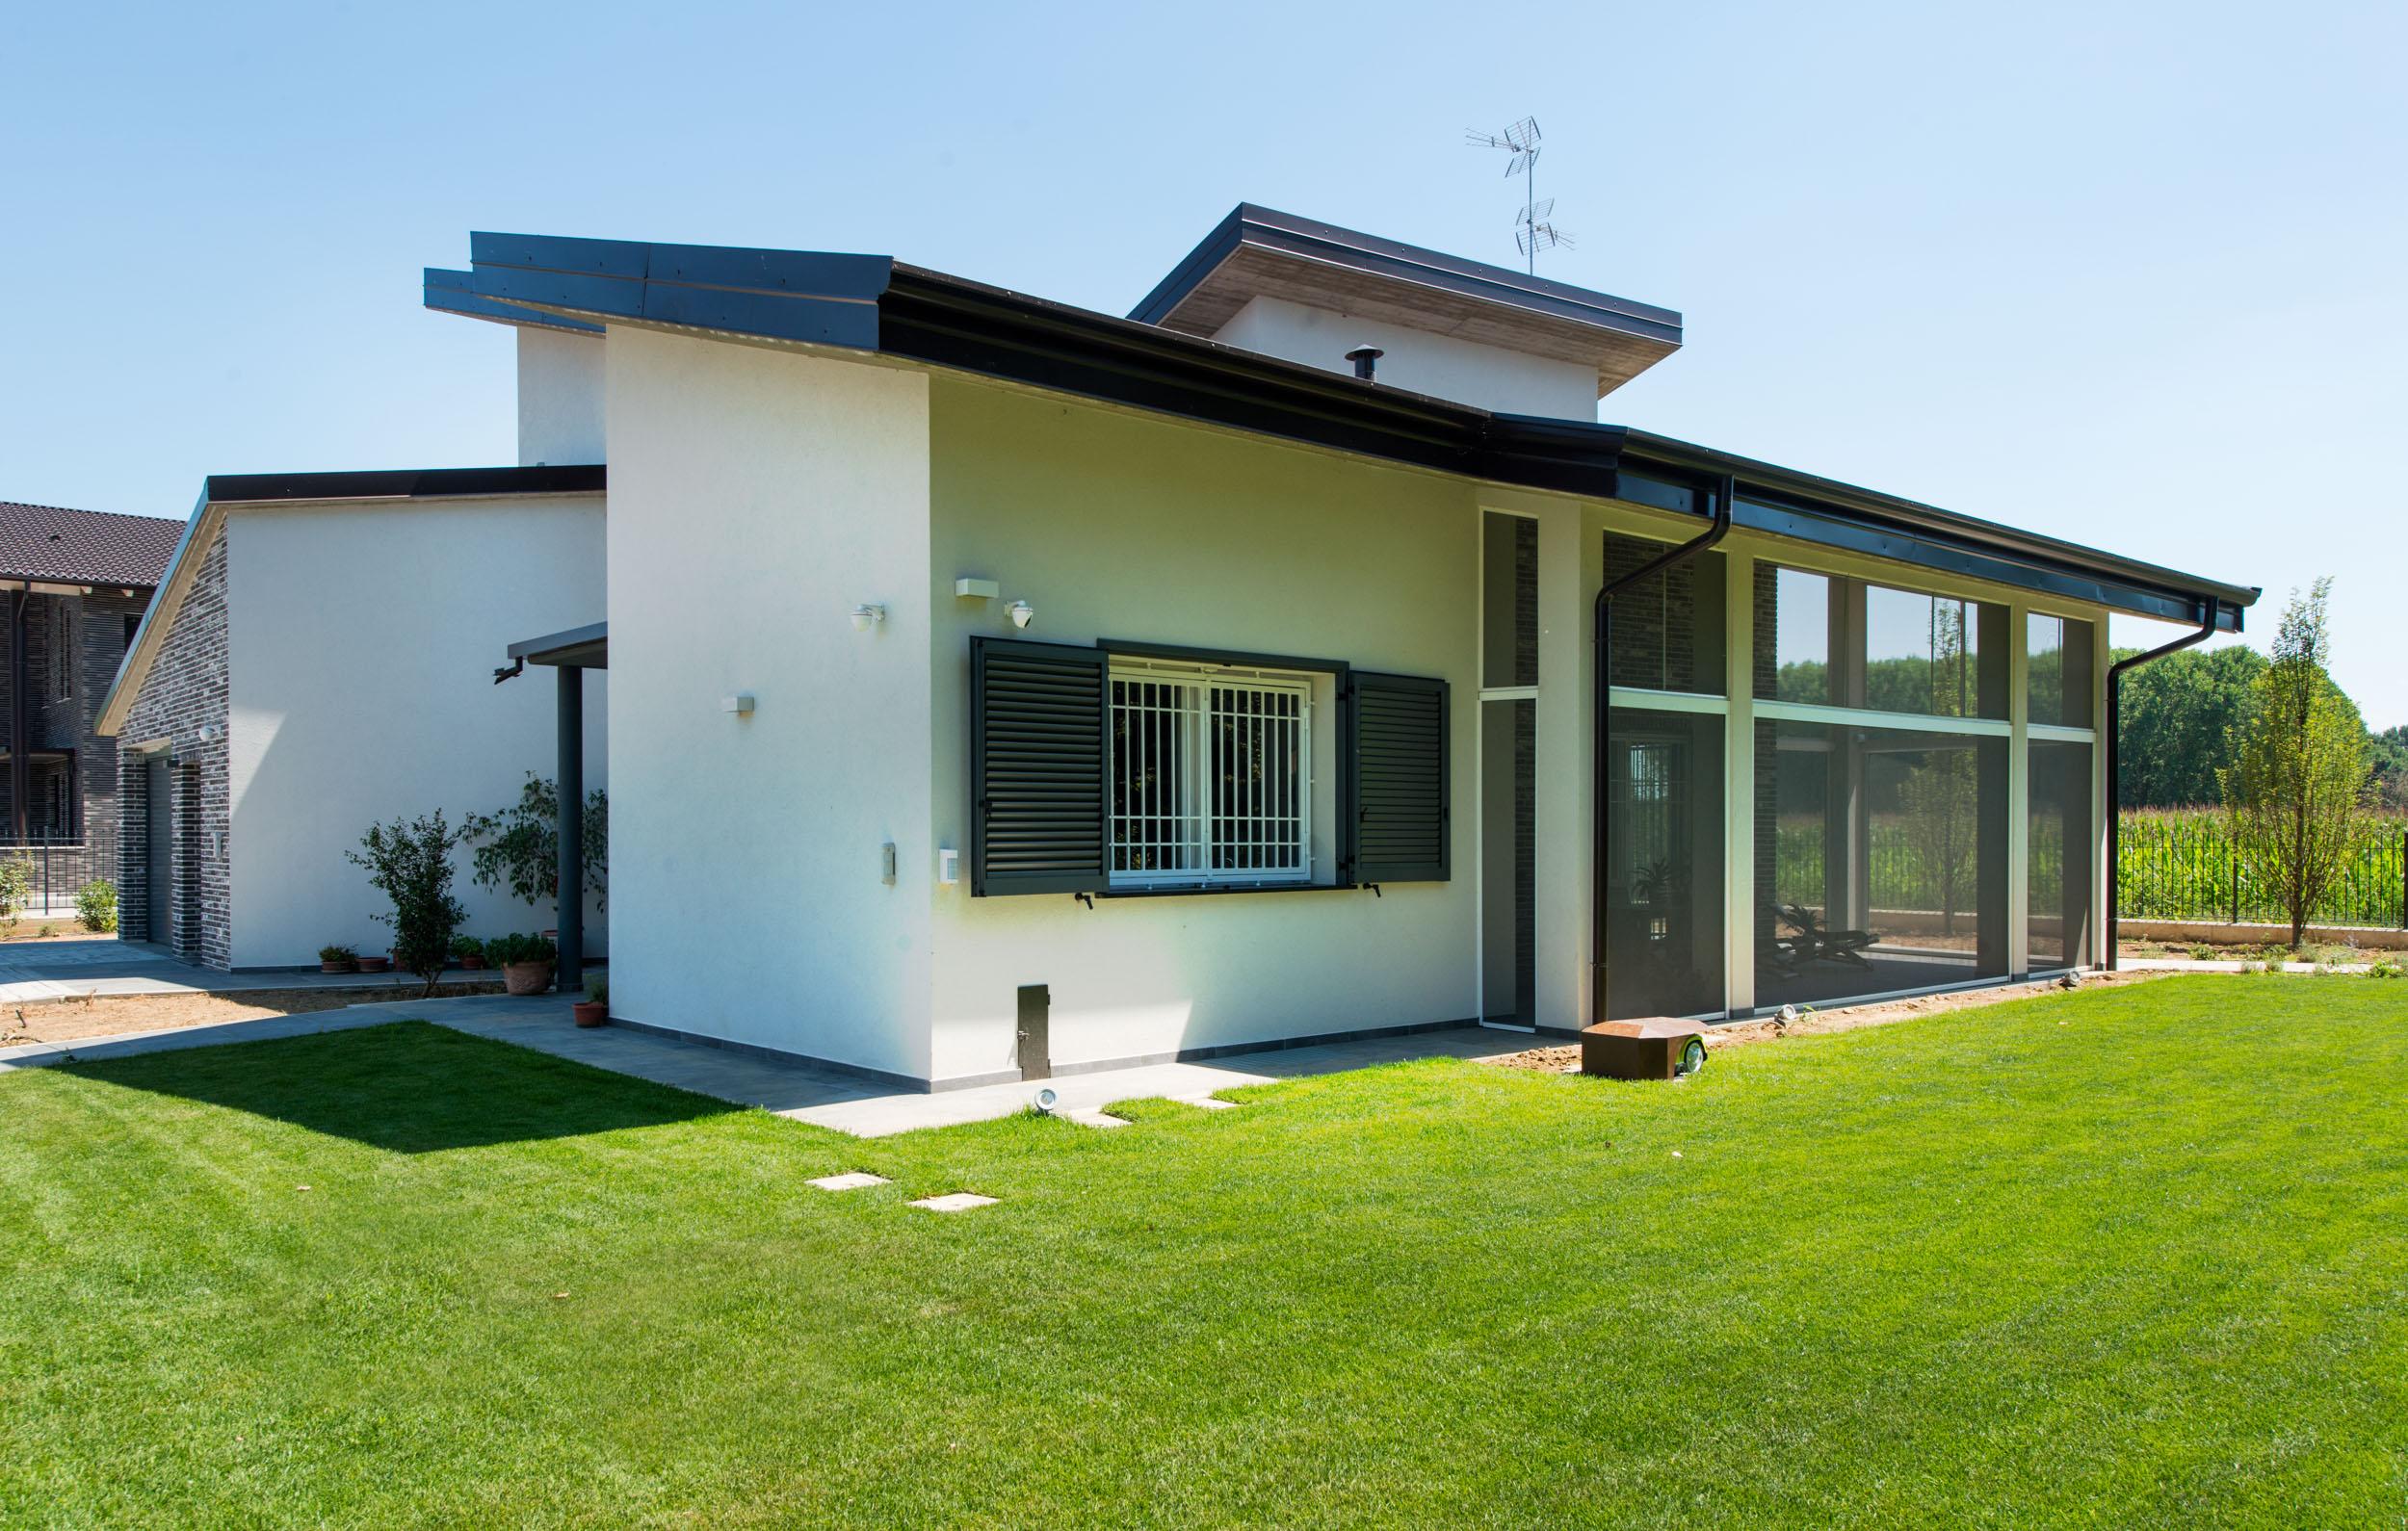 Progetti di ville singole elegant foto villa singola in for Progetti architettonici in vendita